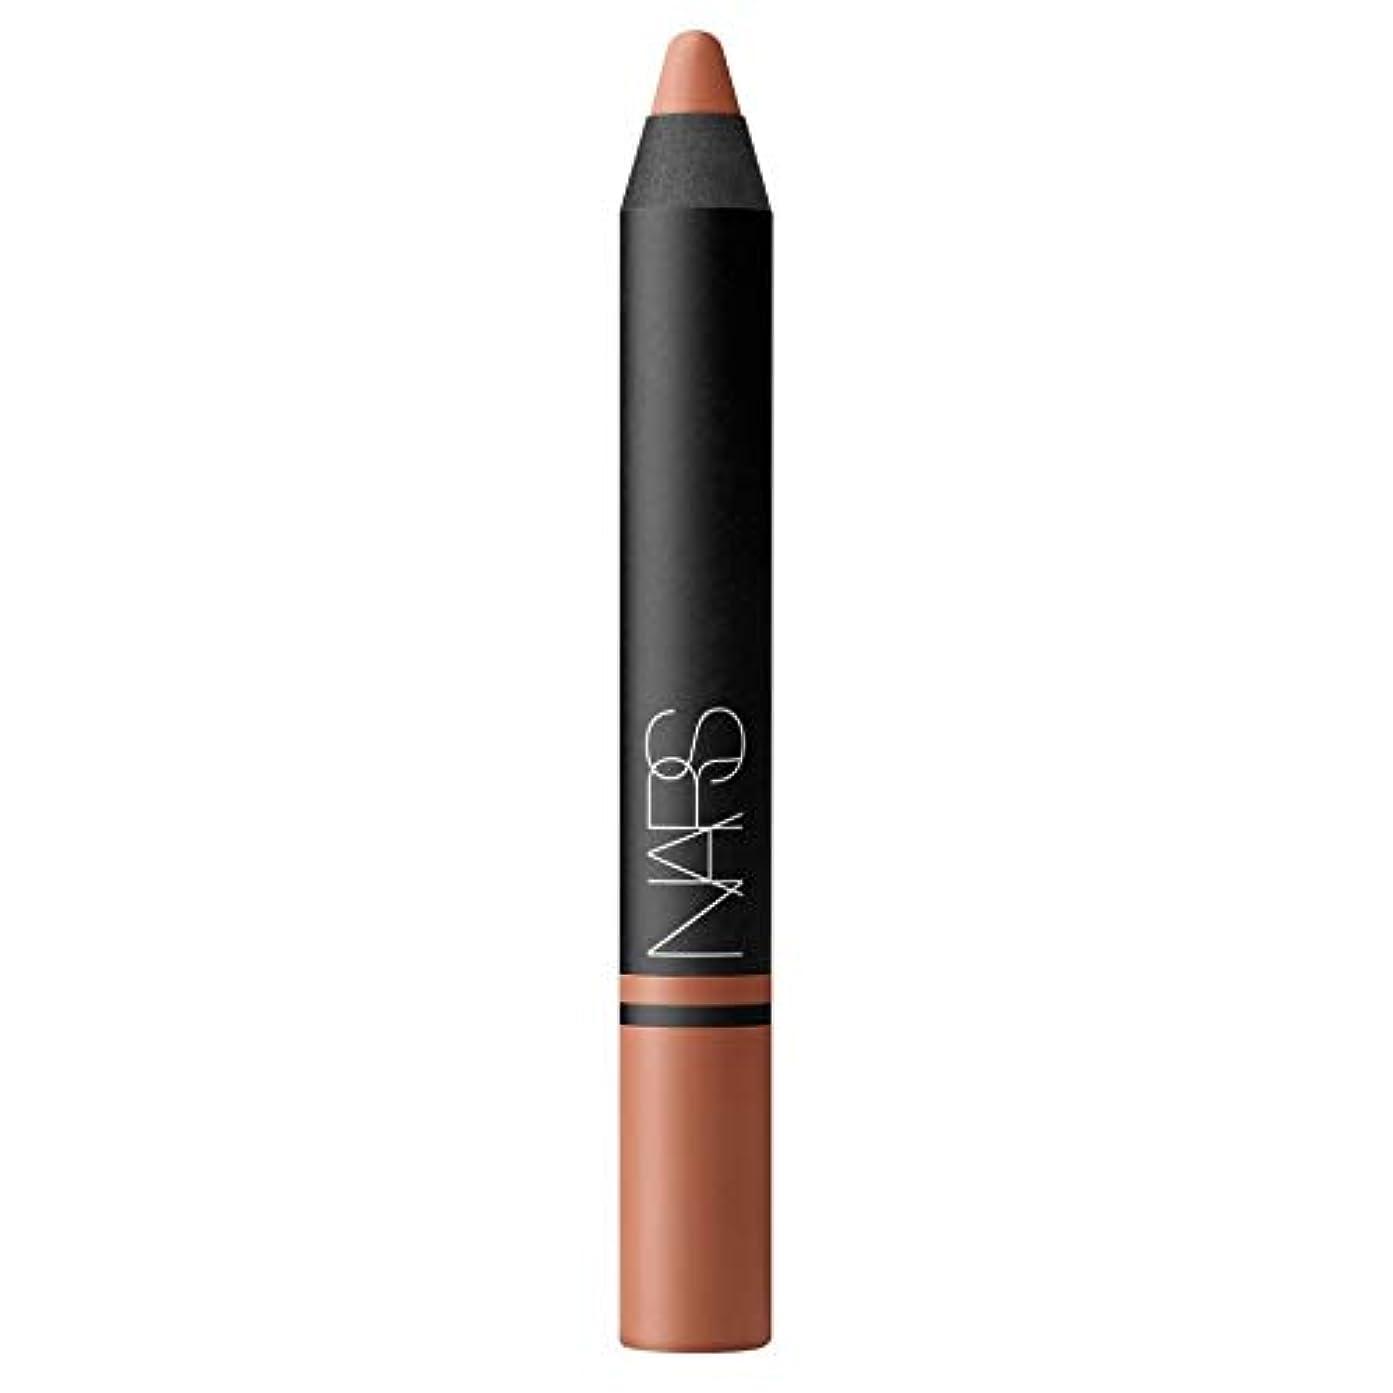 妥協藤色オーケストラ[NARS] ベッラ島でのNarサテンリップペンシル - Nars Satin Lip Pencil in Isola Bella [並行輸入品]